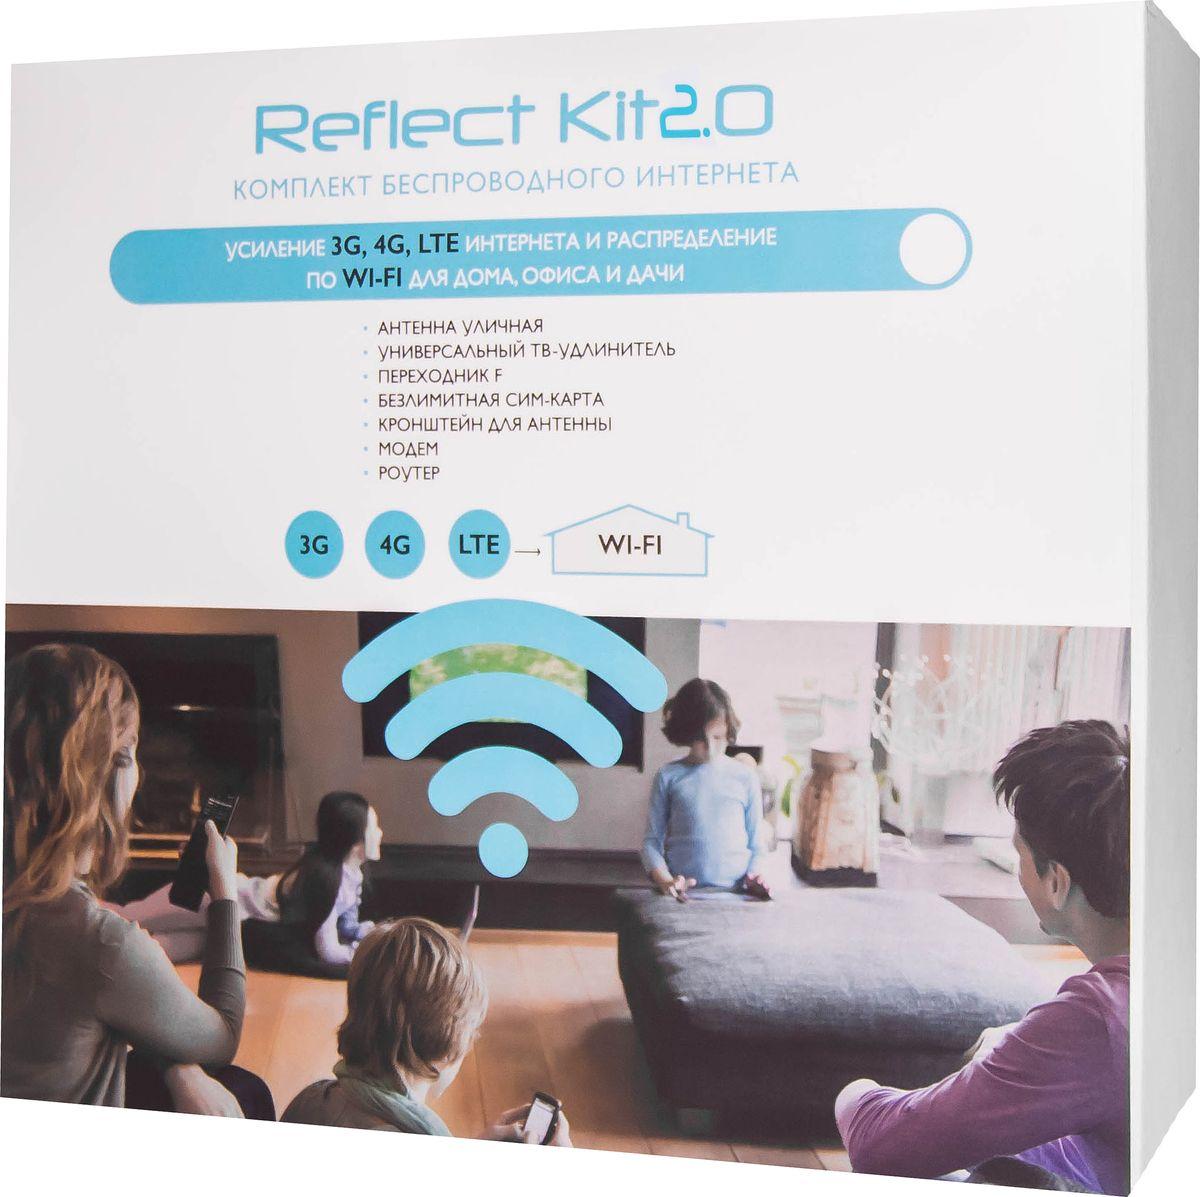 Reflect KIT 2.0, Black комплект беспроводного интернета 3G/4G/LTE16412Комплект оборудования для усиления 3G/4G сигнала Reflect KIT, представляющие собой готовое решение для подключения 3G или 4G(LTE) интернета на даче, коттедже или в загородном доме.Установка комплекта очень проста. От вас потребуется лишь направить антенну на базовую станцию сотового оператора и закрепить ее, подключить антенный провод к роутеру с сим-картой и наслаждаться стабильным доступом в интернет по Wi-Fi.Комплект беспроводного интернет сигнала Reflect.KIT позволяет:- усилить уже имеющийся интернет сигнал- распределить усиленный интернет сигнал через WI-FI среди имеющихся устройств (телевизоры, SMART-приставки, компьютеры, планшеты, телефоны и т.п.)- обеспечить доступ интернет устройствам в зонах где нет классического проводного соединения (частный сектор, загородные дома и т.п.)- сэкономить юридическим лицам на стоимости подключения и абонентской платы- быстро, без привлечения установщиков, самому установить комплекс